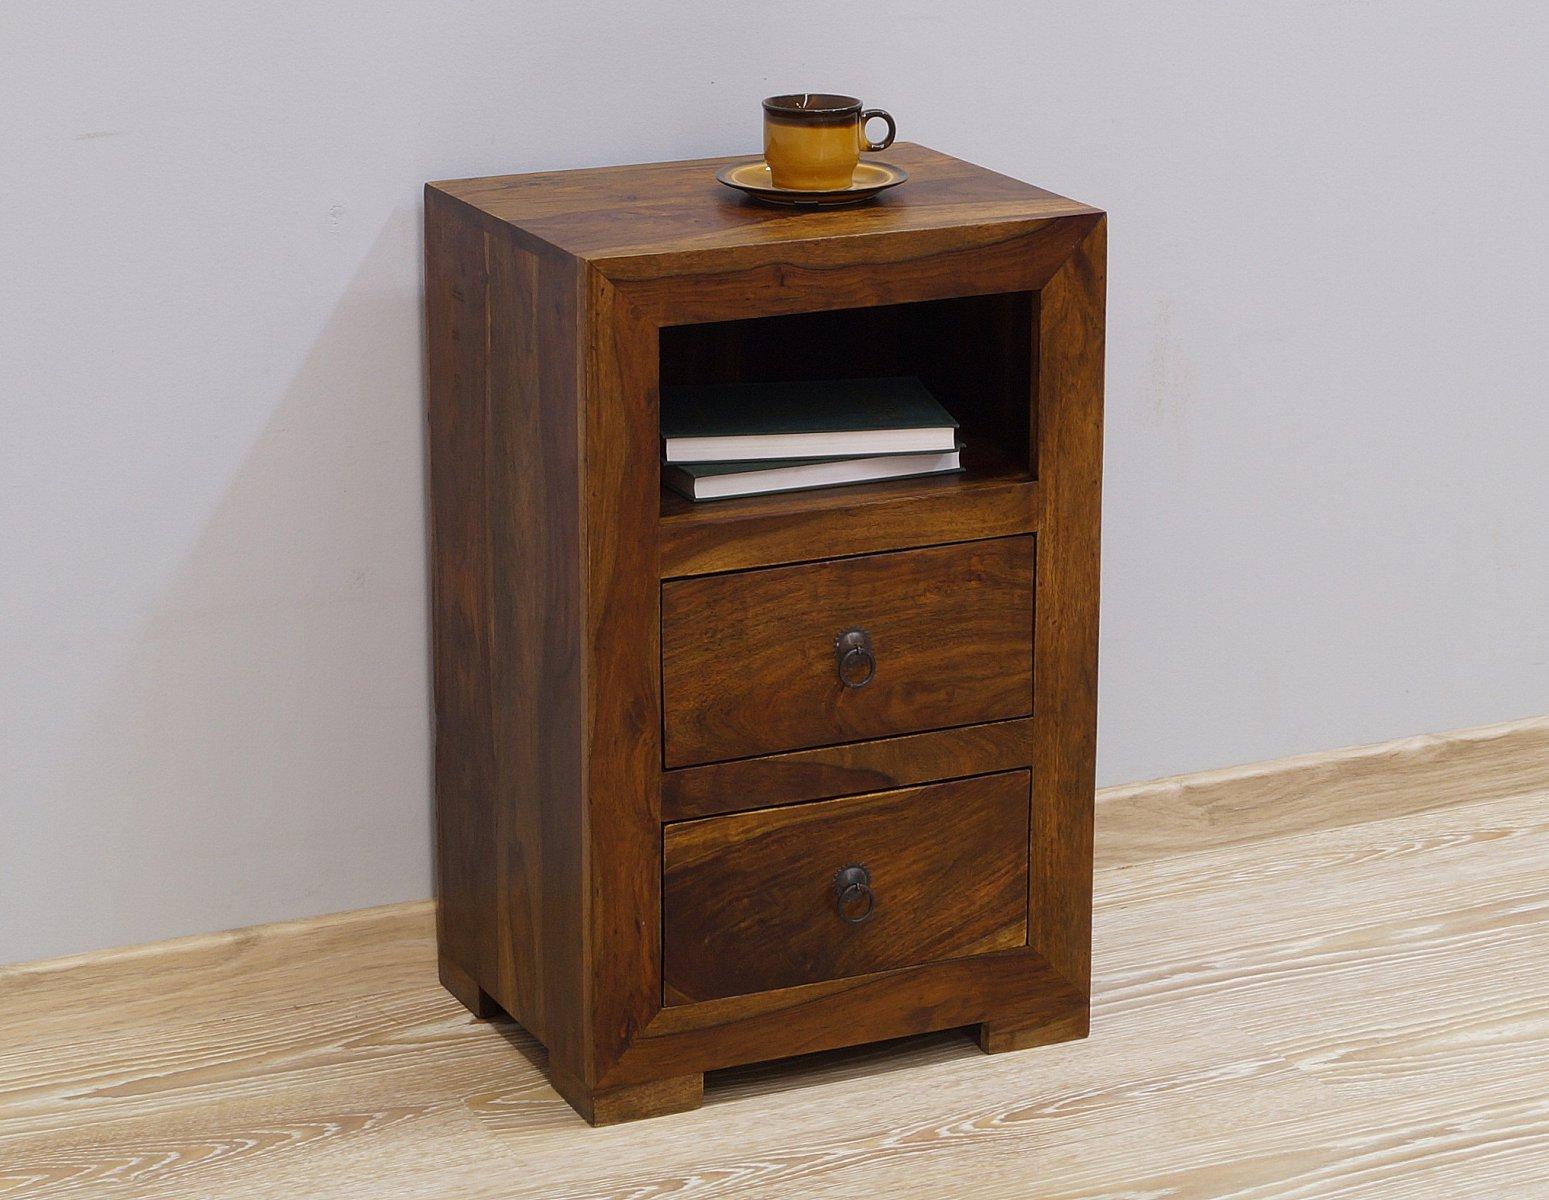 Szafka nocna lite drewno palisander indyjski ciemny brąz dwie szuflady wnęka nowoczesna